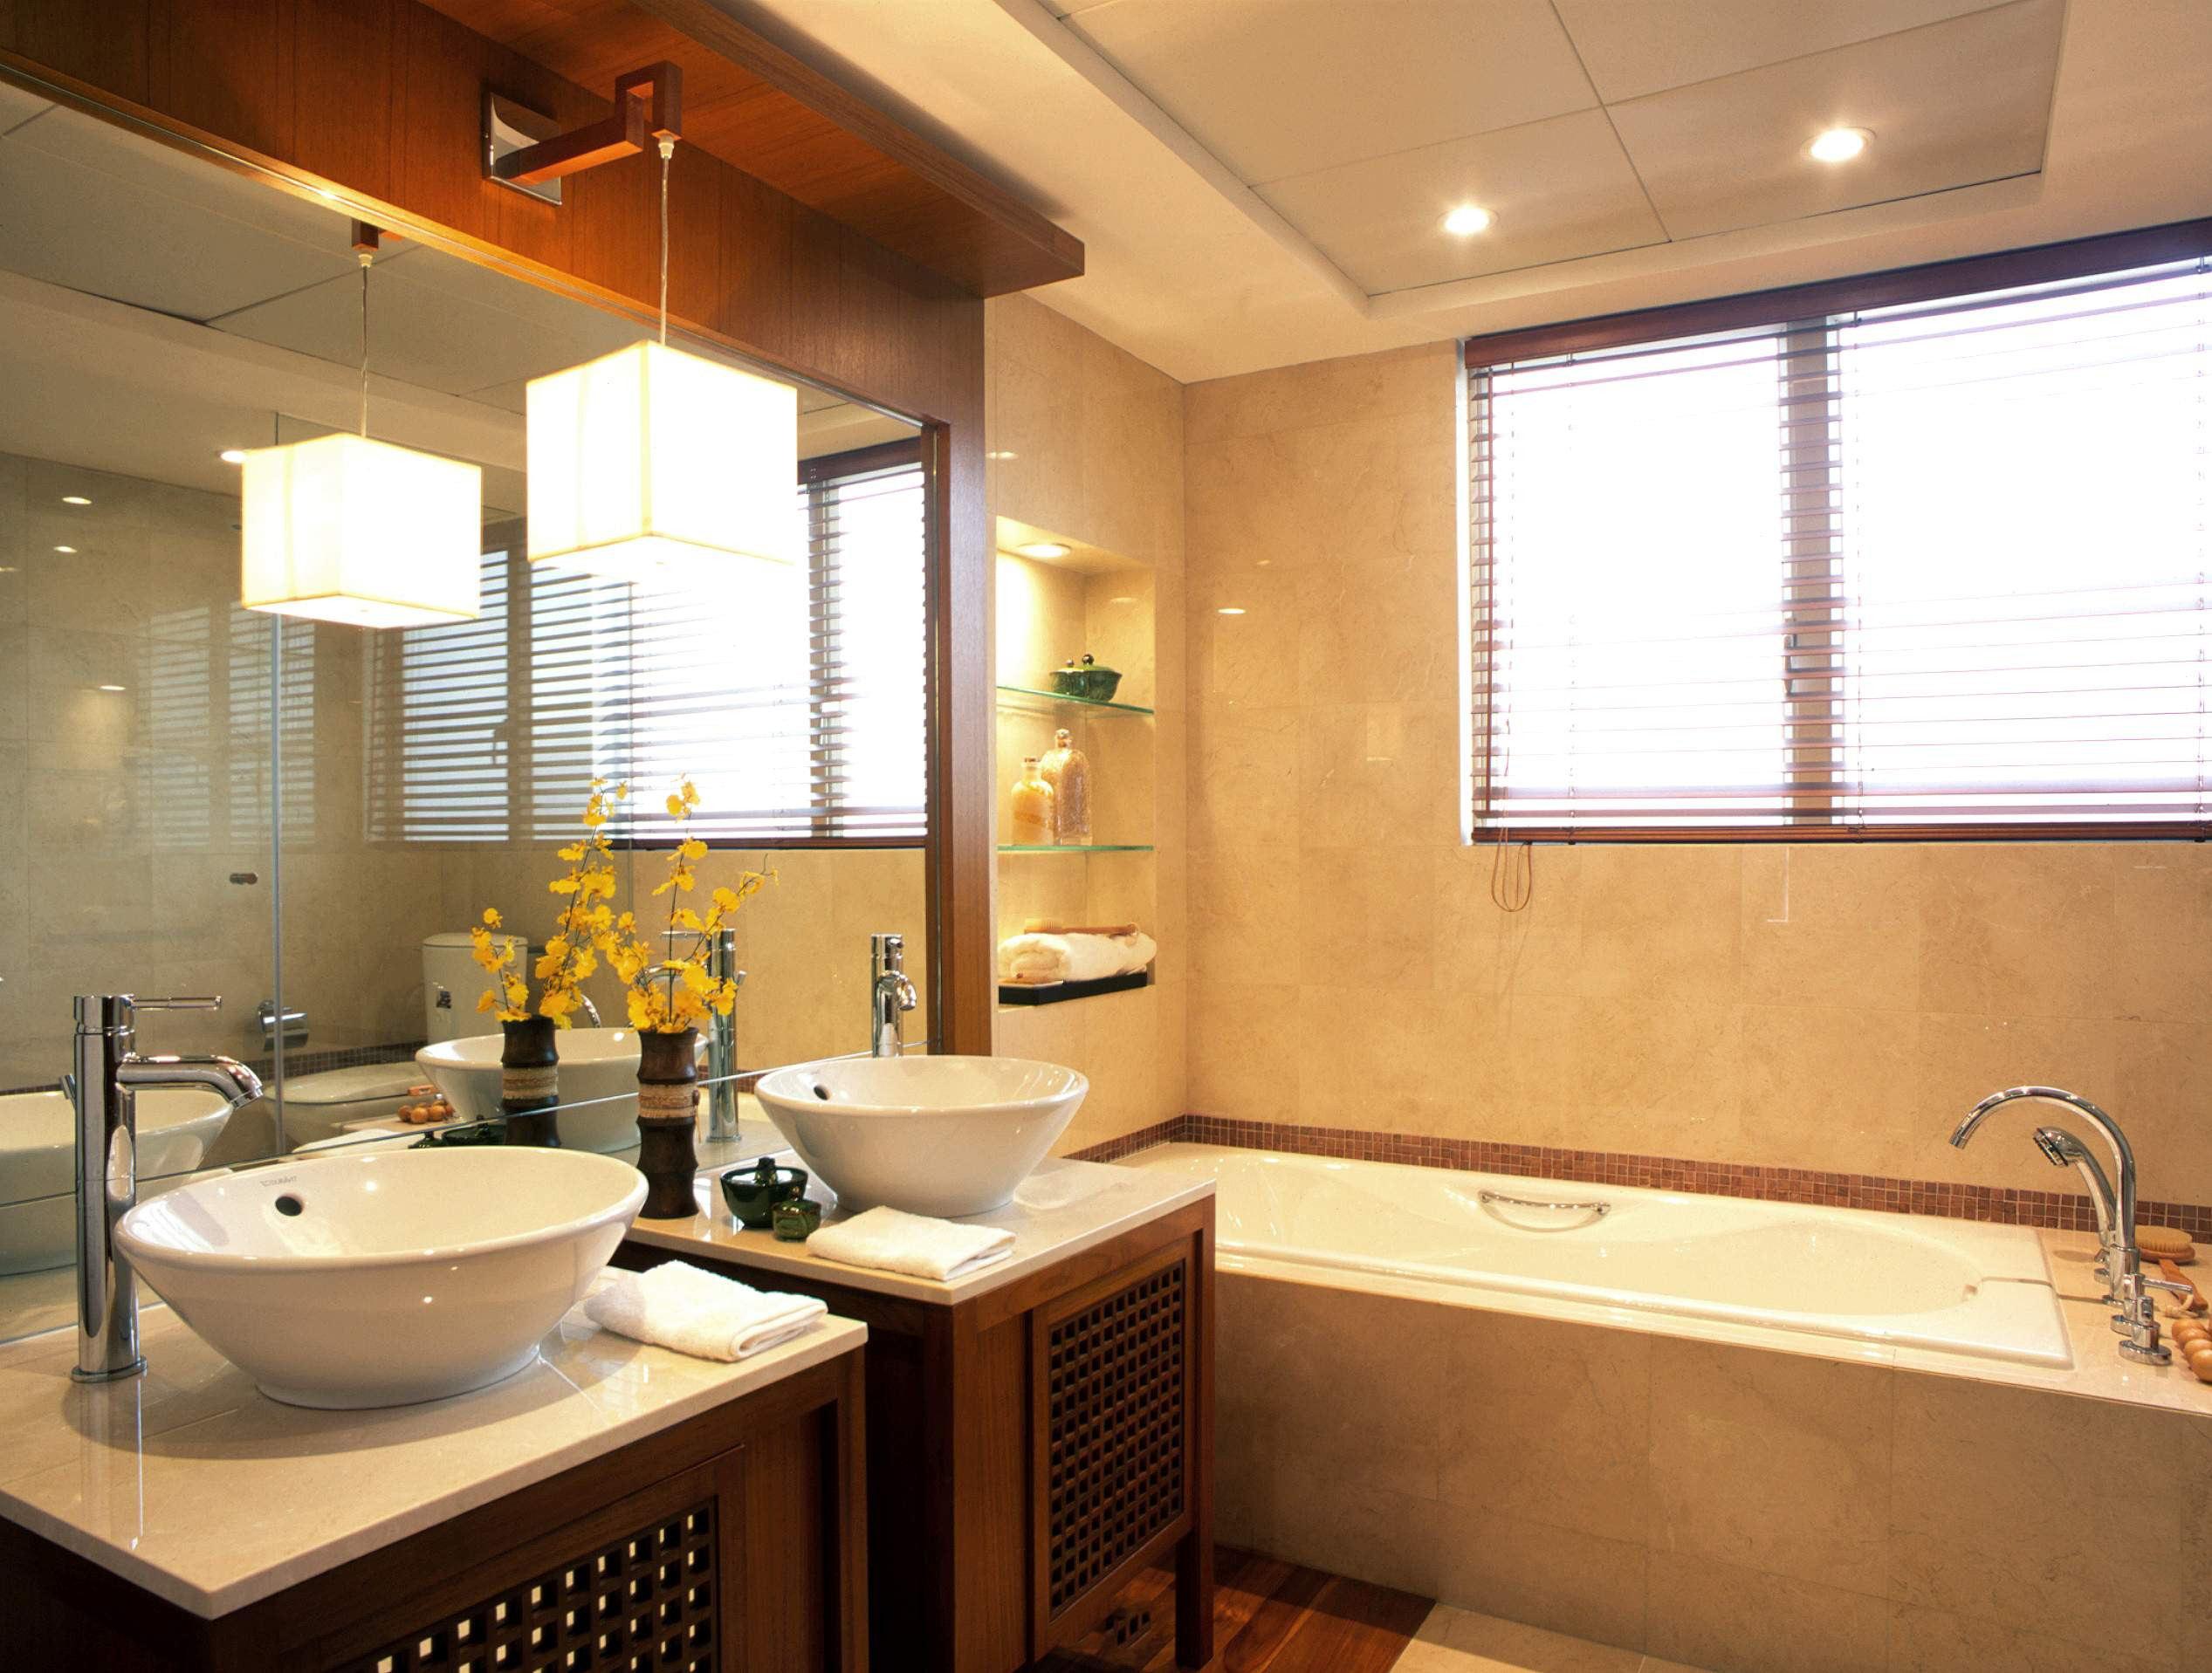 东南亚风格设计别墅卫生间玻璃镜装饰效果图片